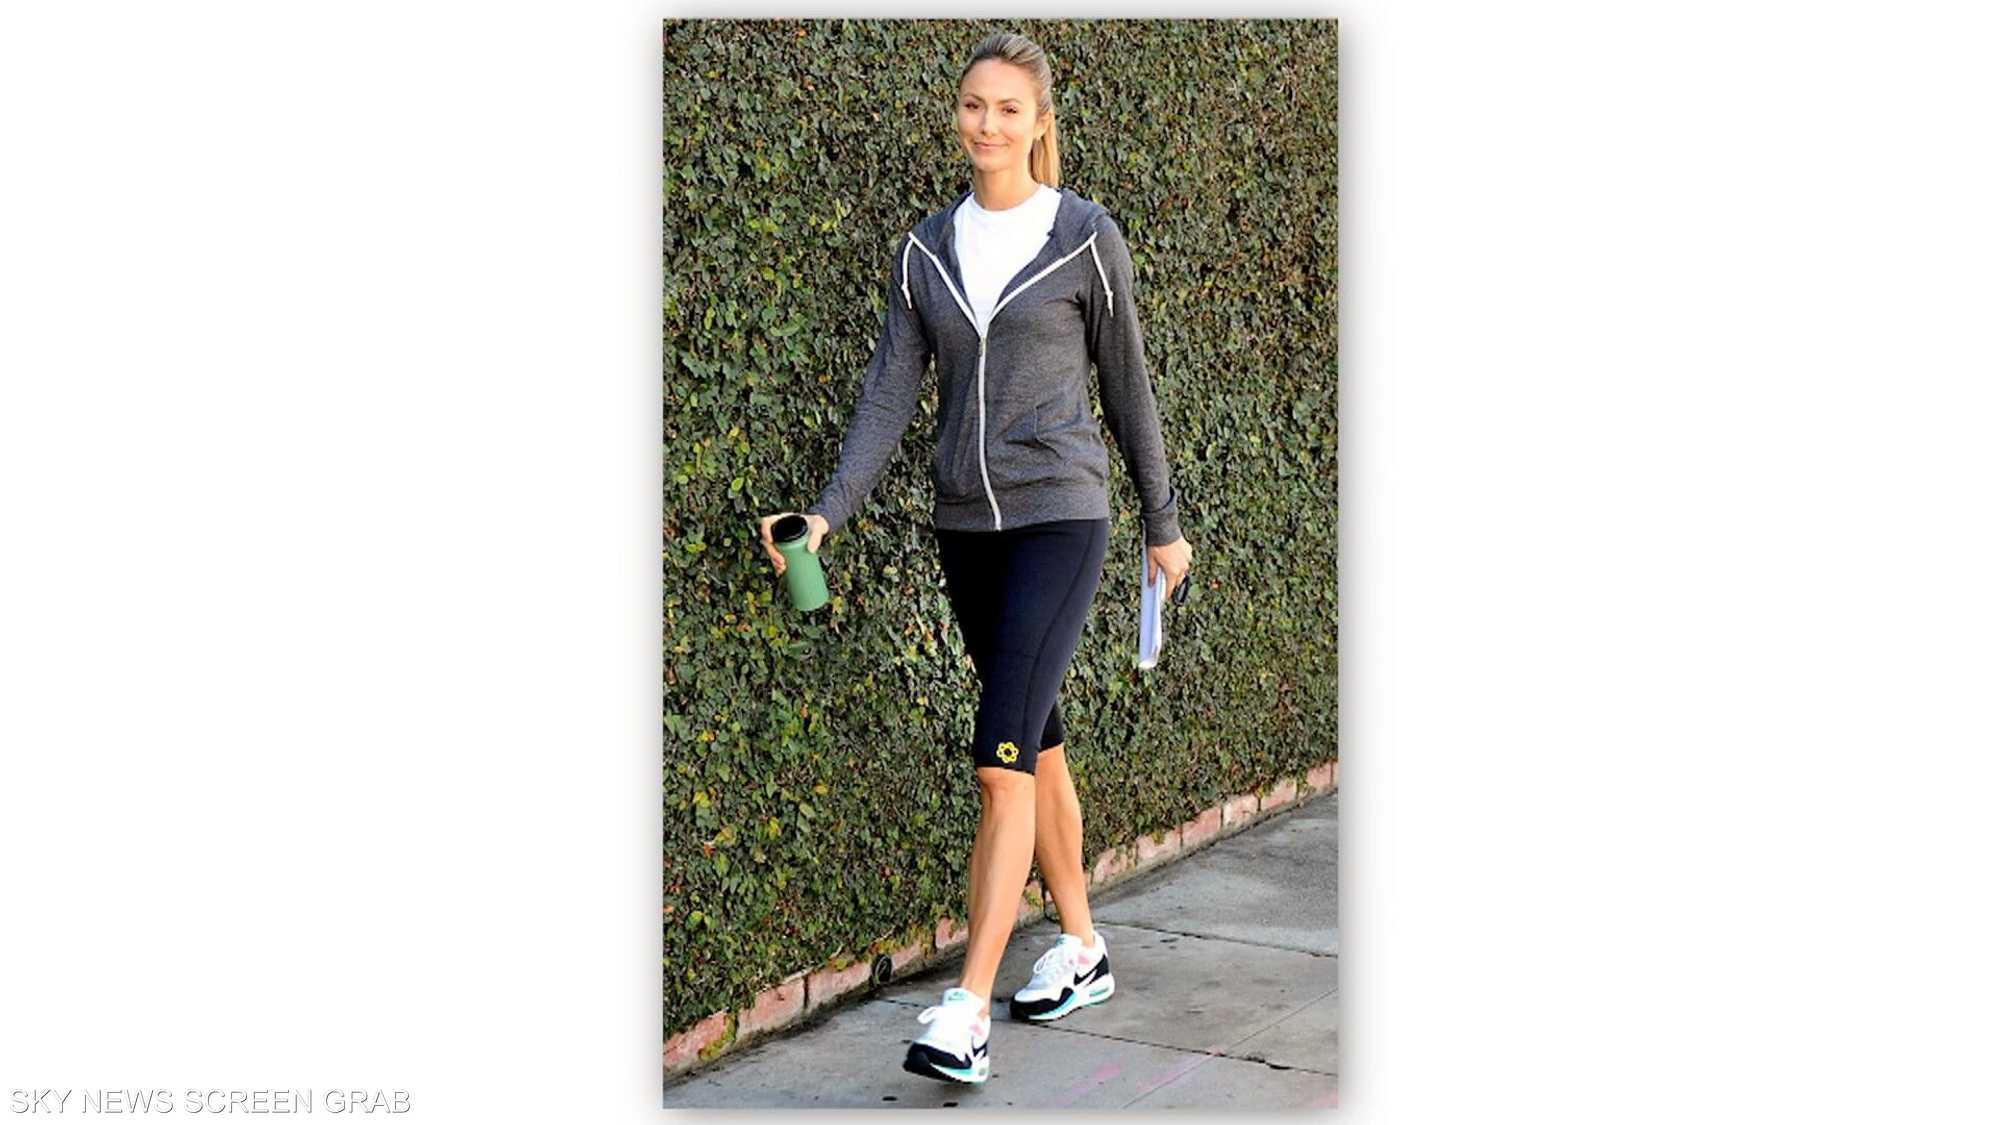 ملابس رياضية عصرية تواكب الموضة